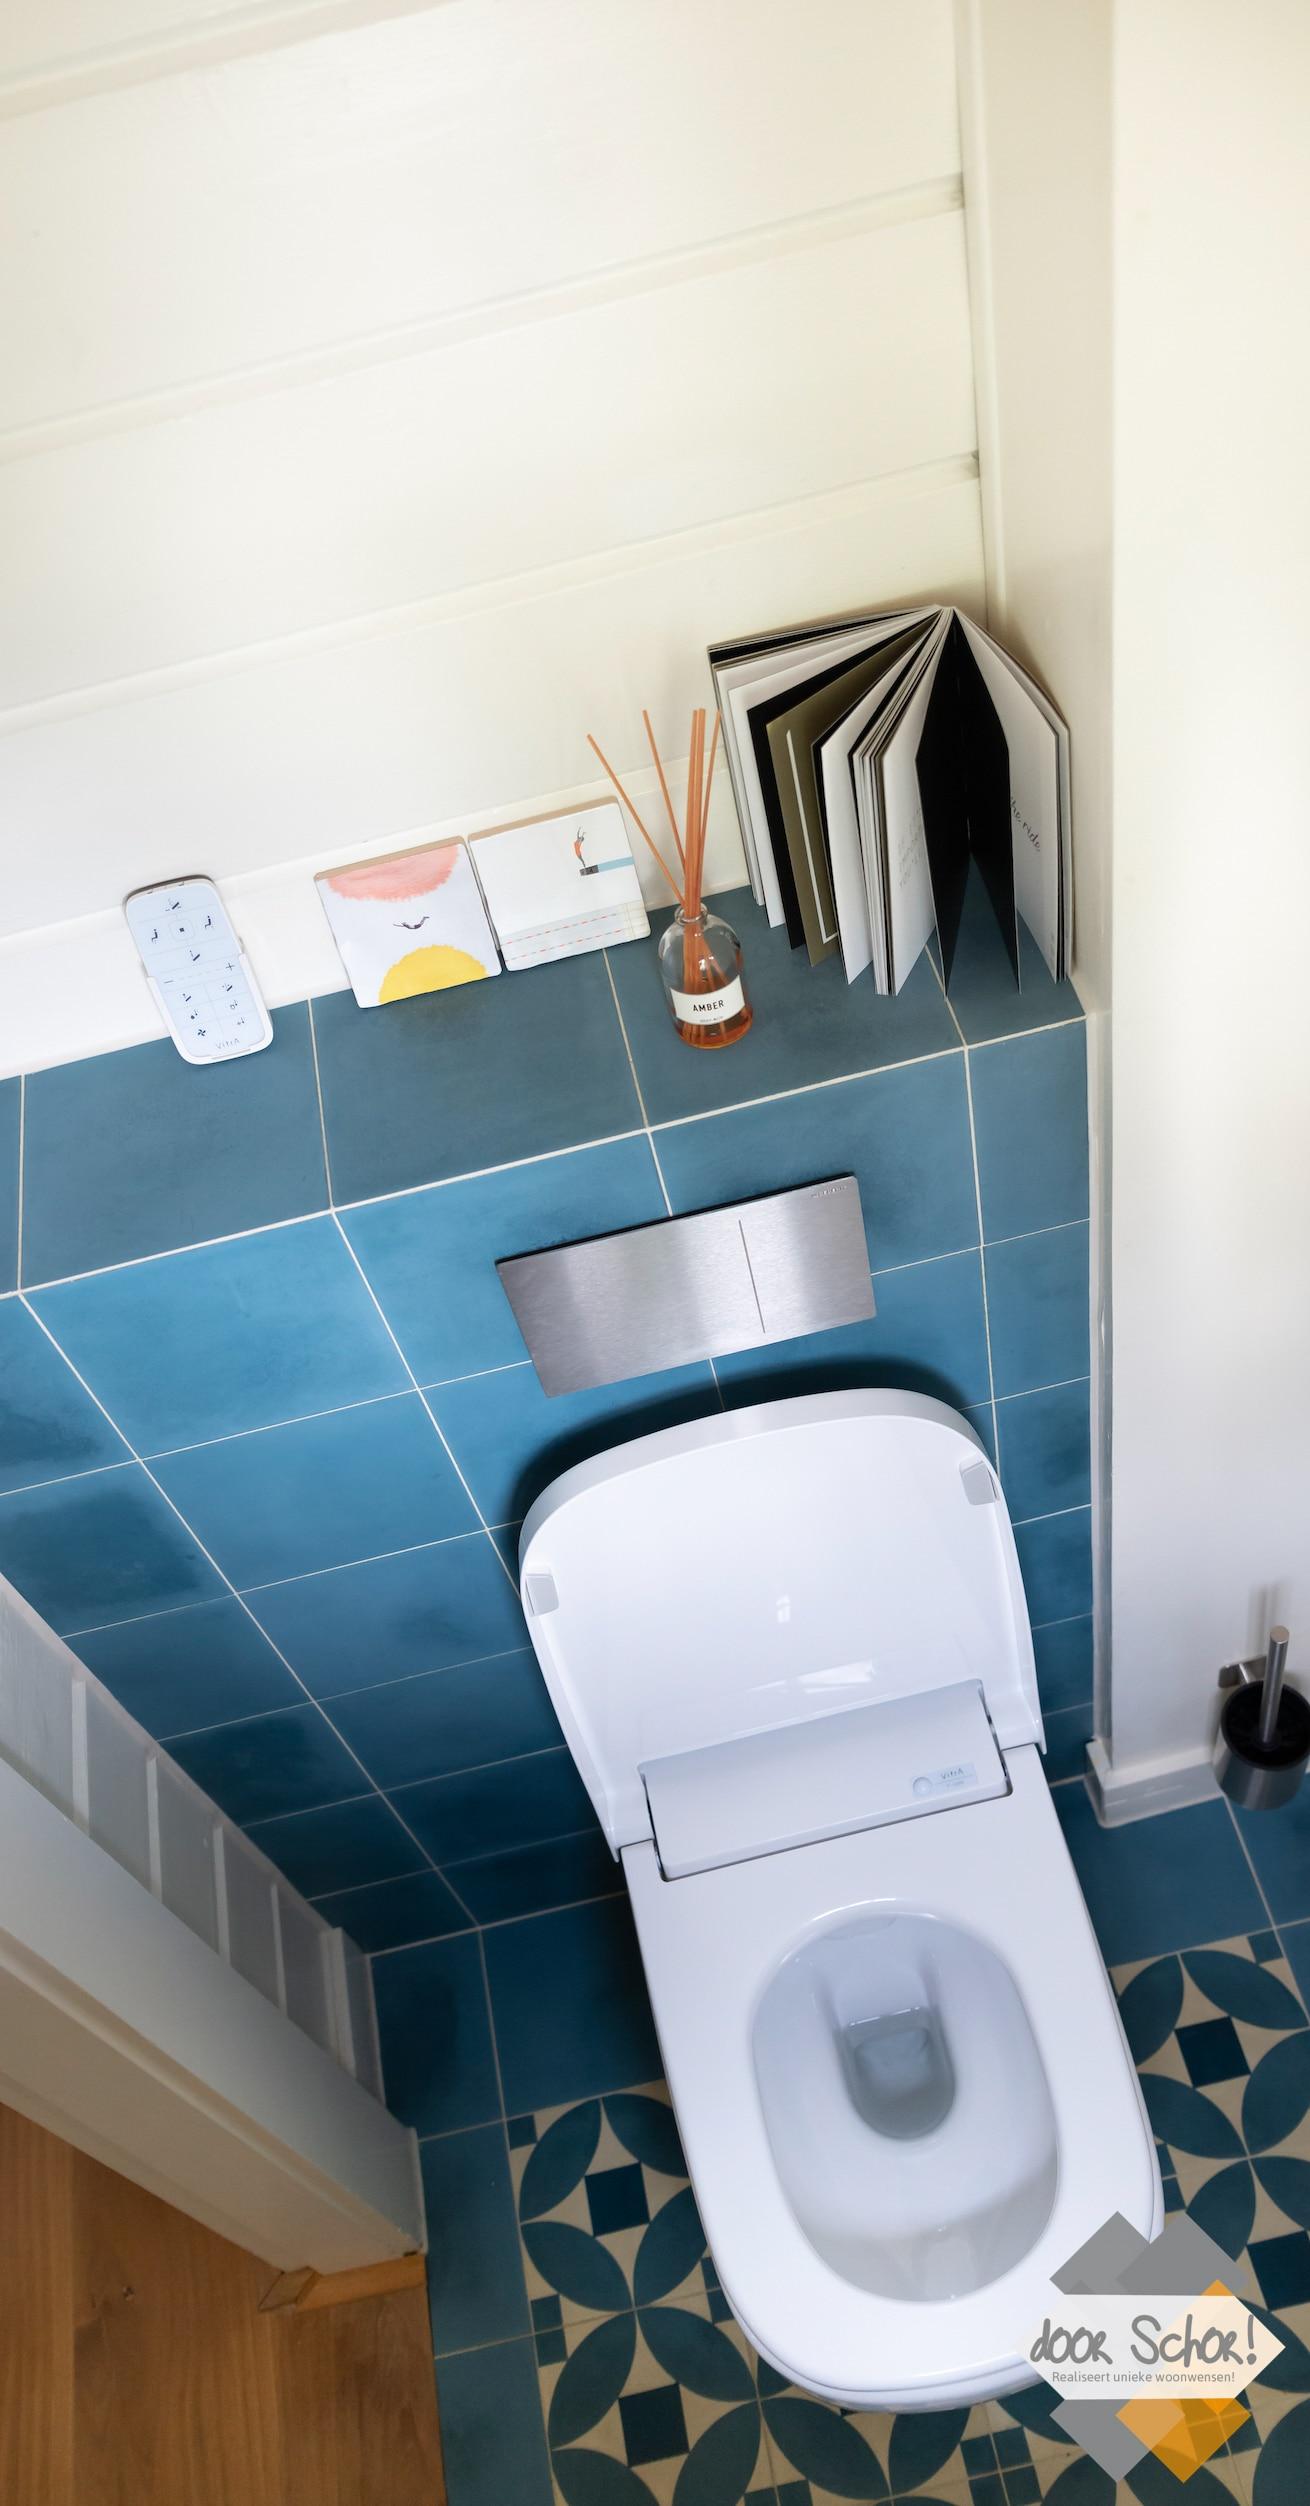 Electronisch toilet met blauwe tegels en houten achterwand